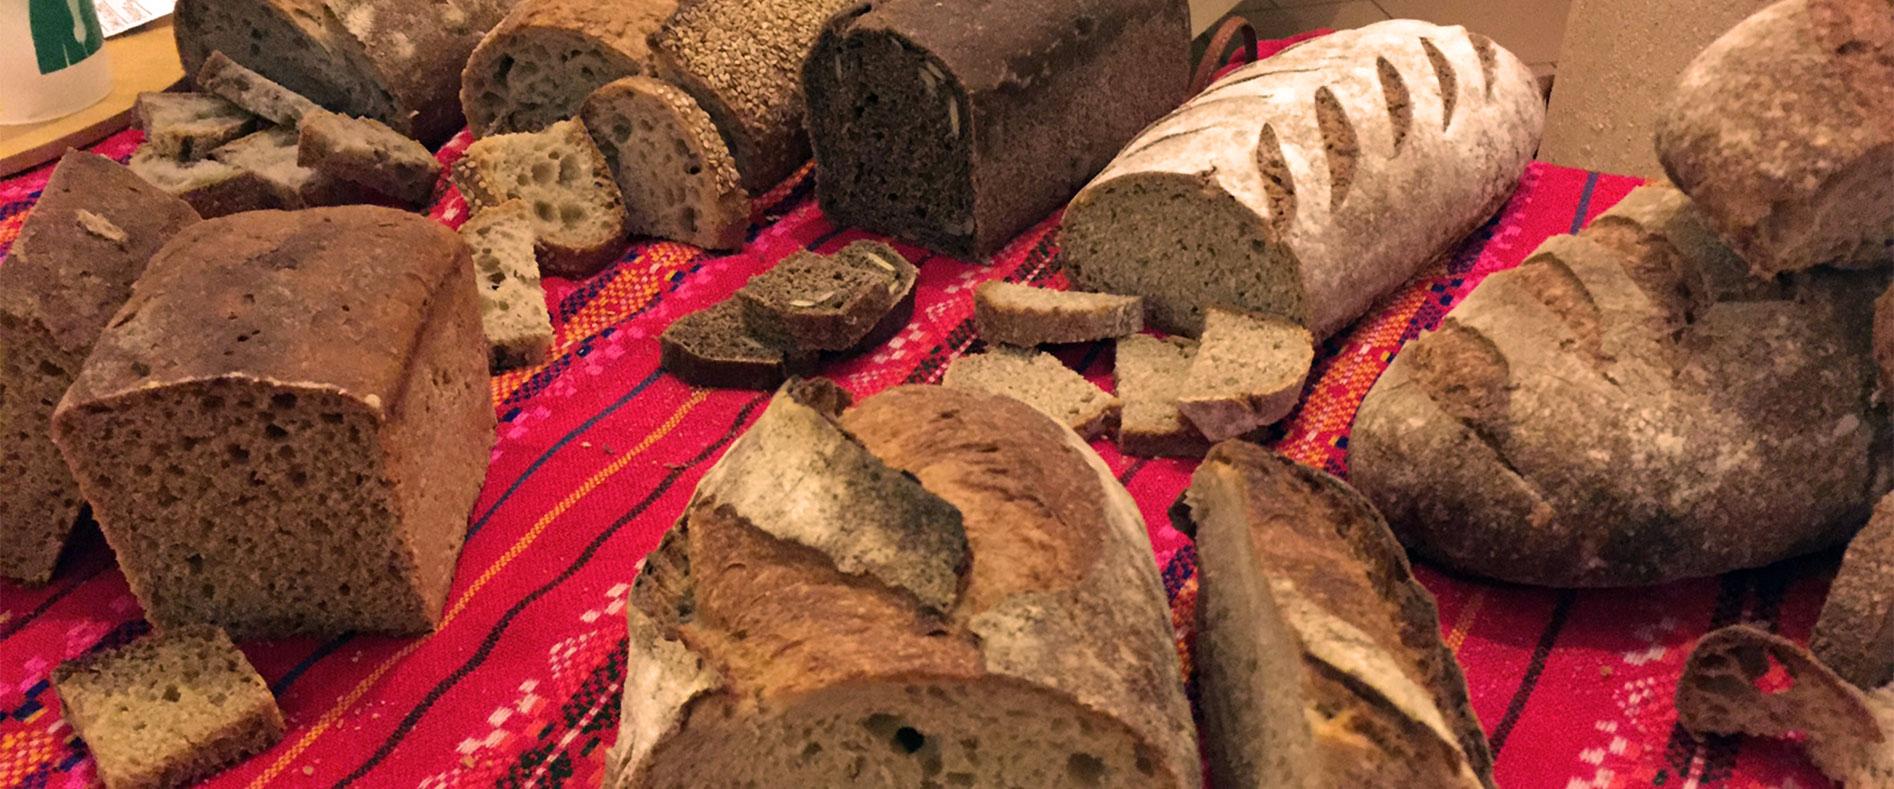 Découvrez des produits artisanaux chaque mardi à Flourens ...